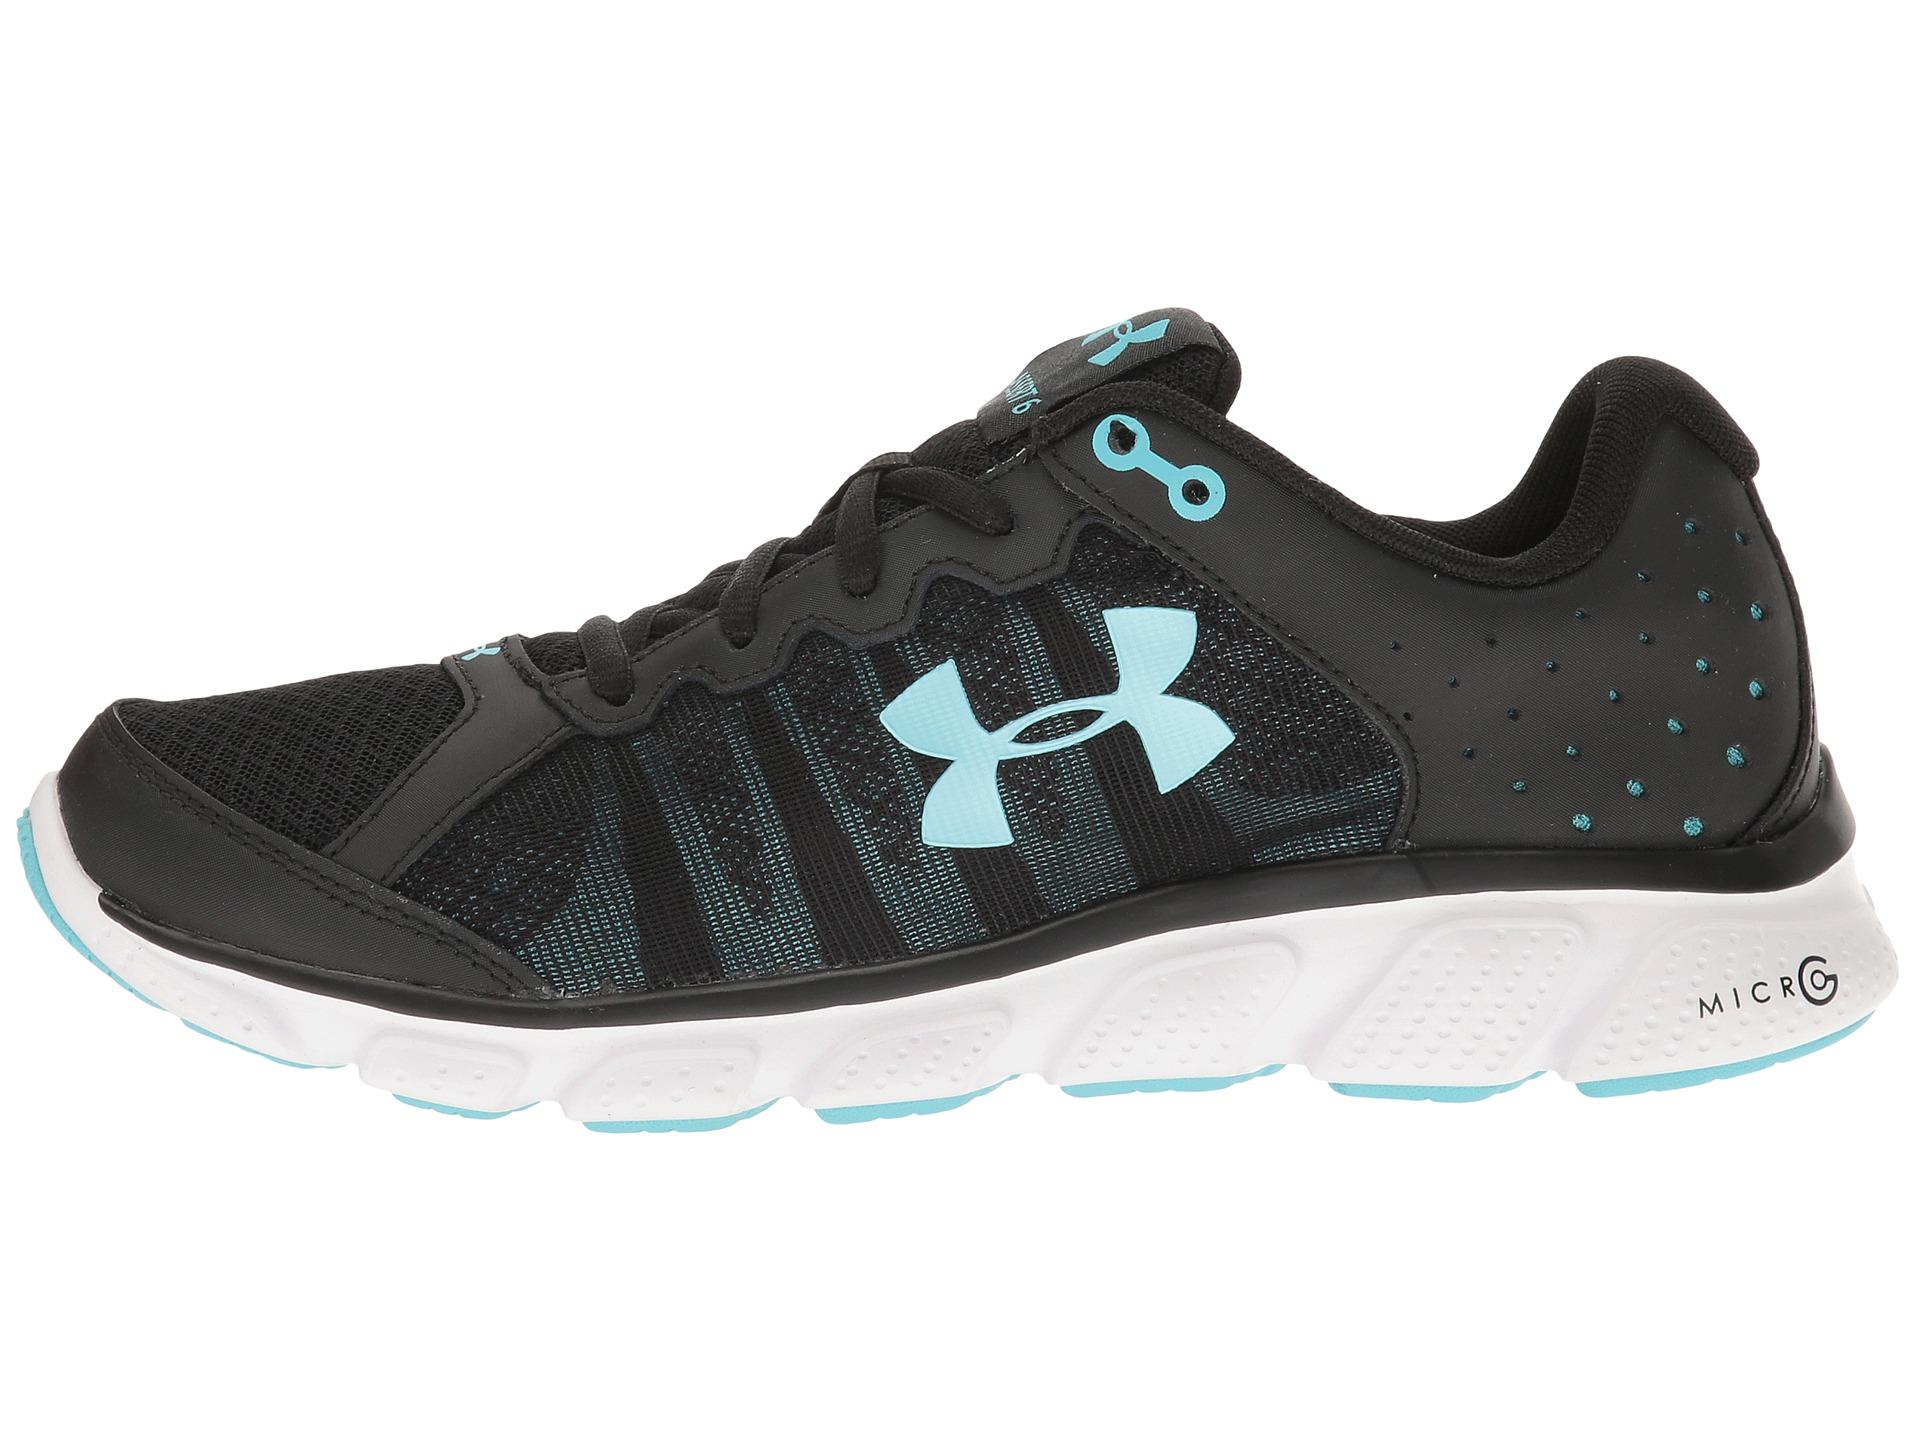 Mm Shoe Size In Ua